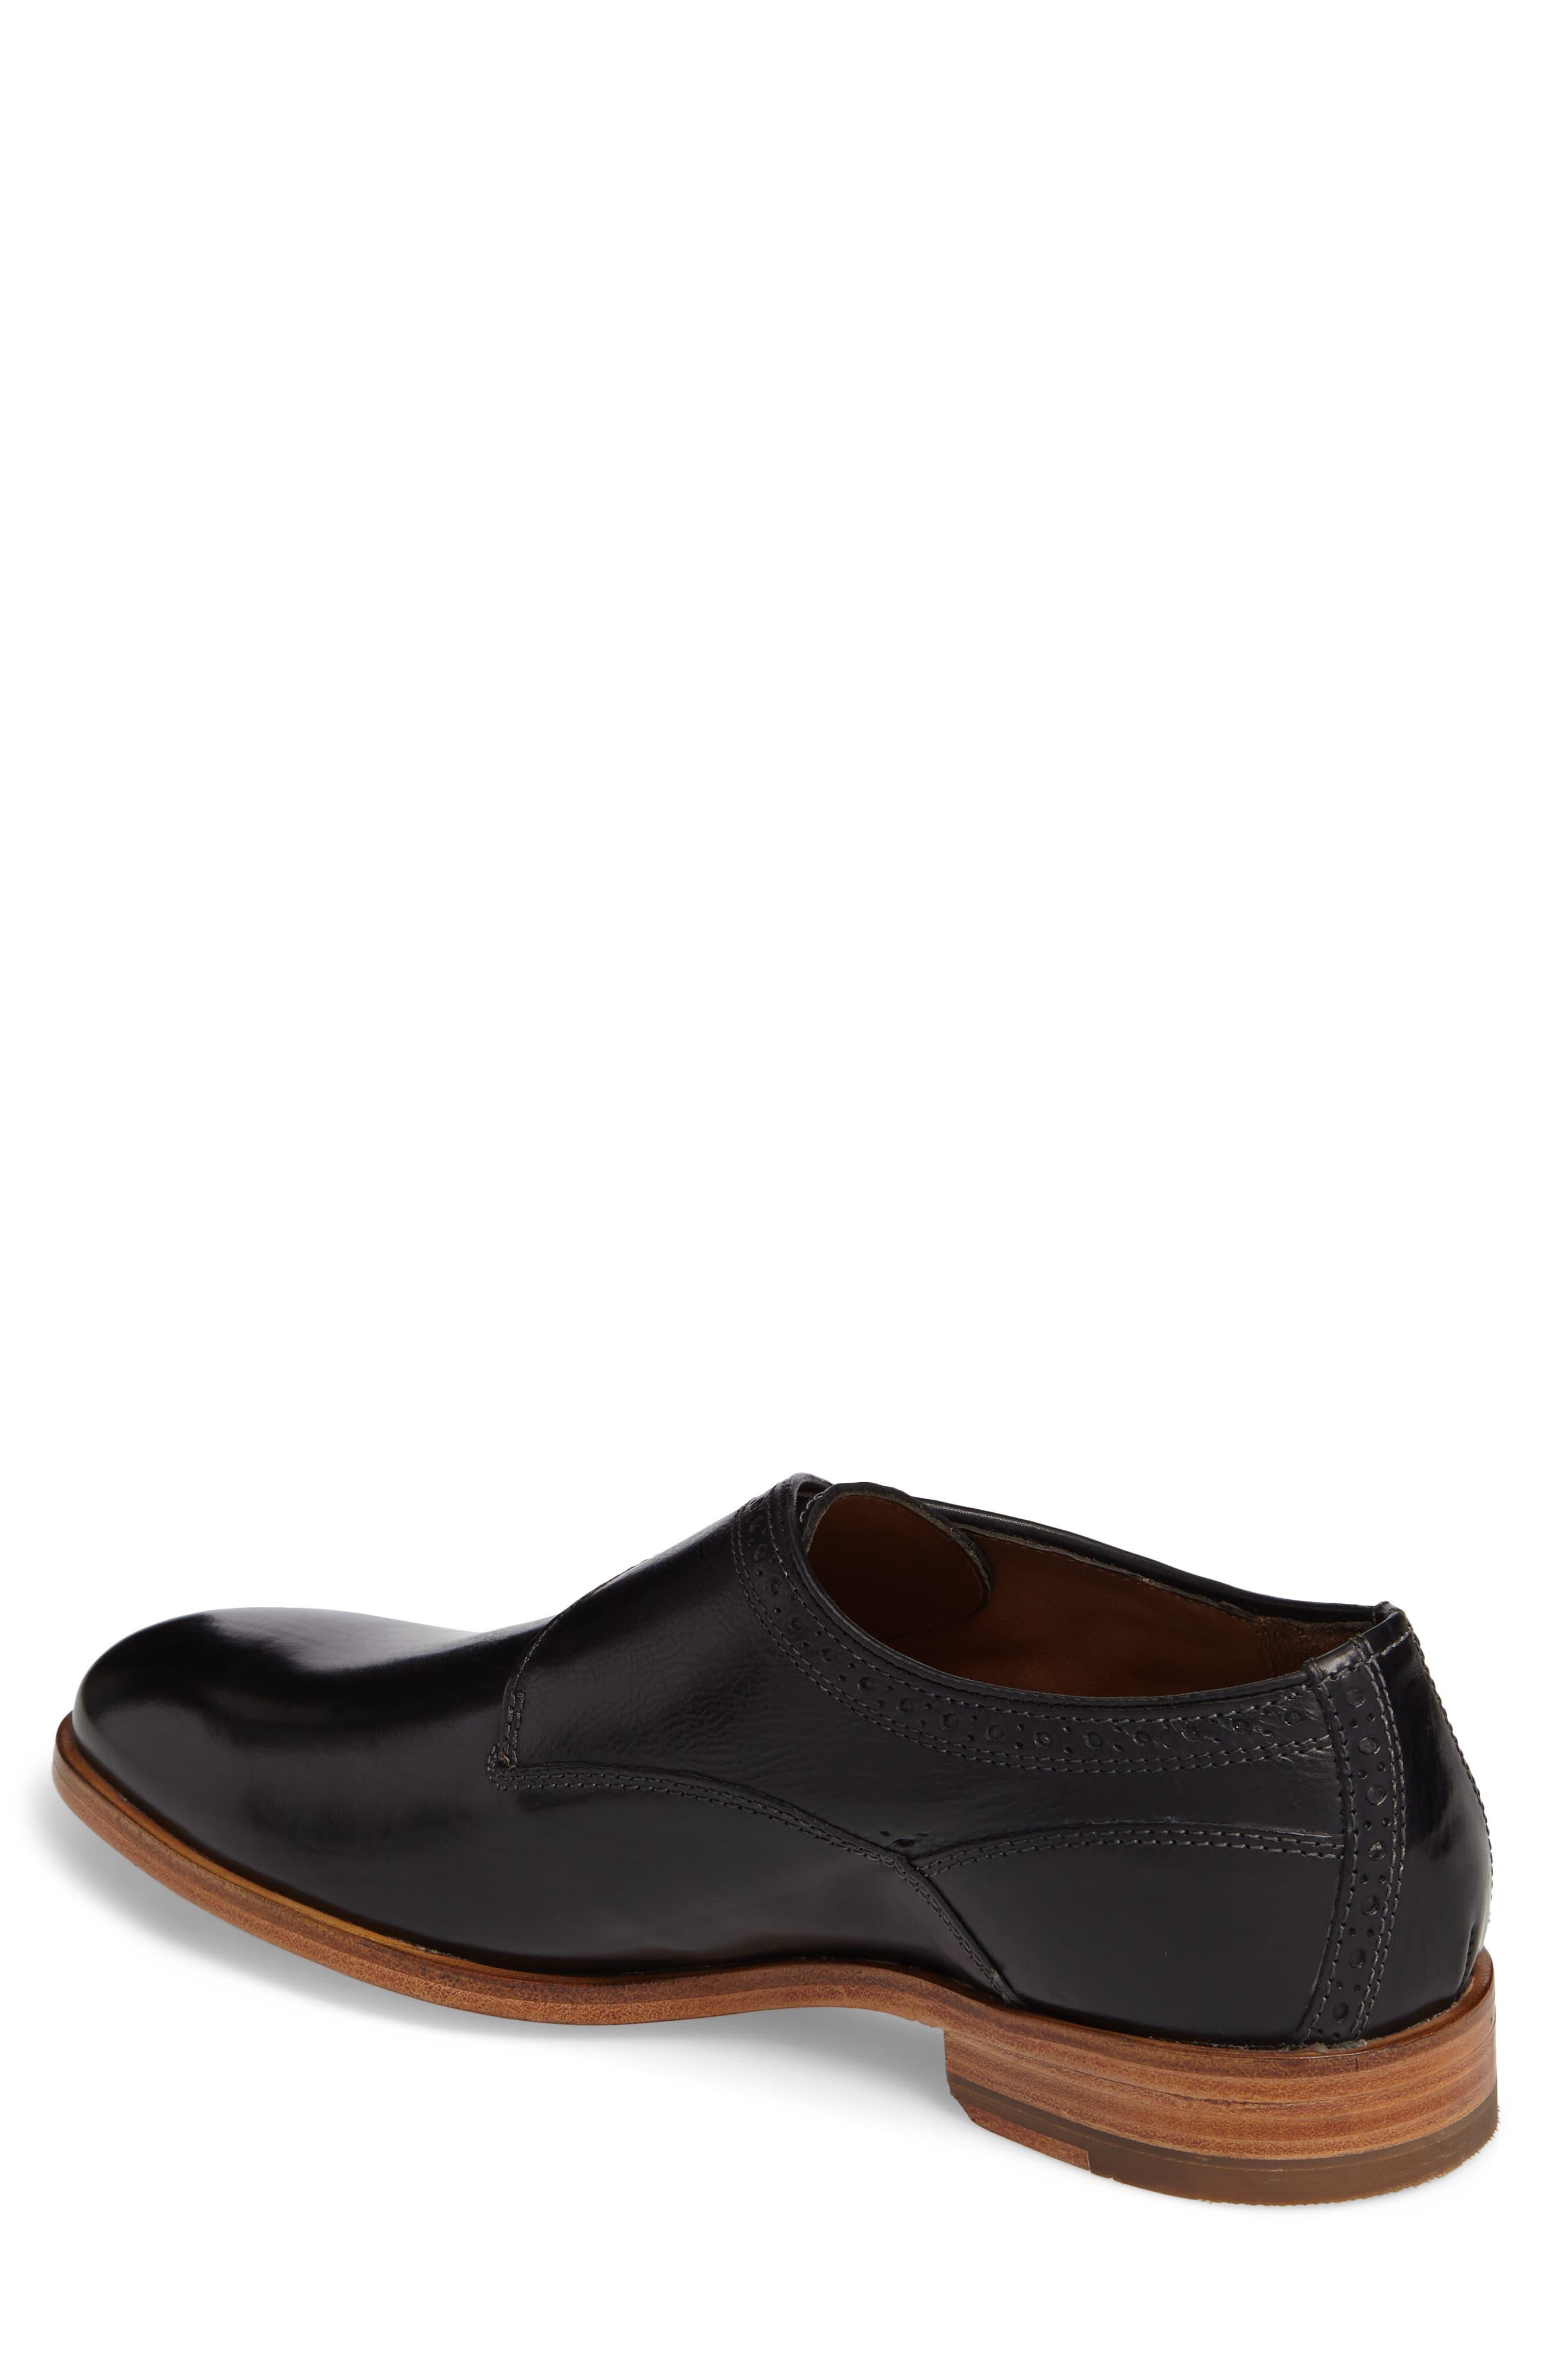 Graham Monk Strap Shoe,                             Alternate thumbnail 2, color,                             001